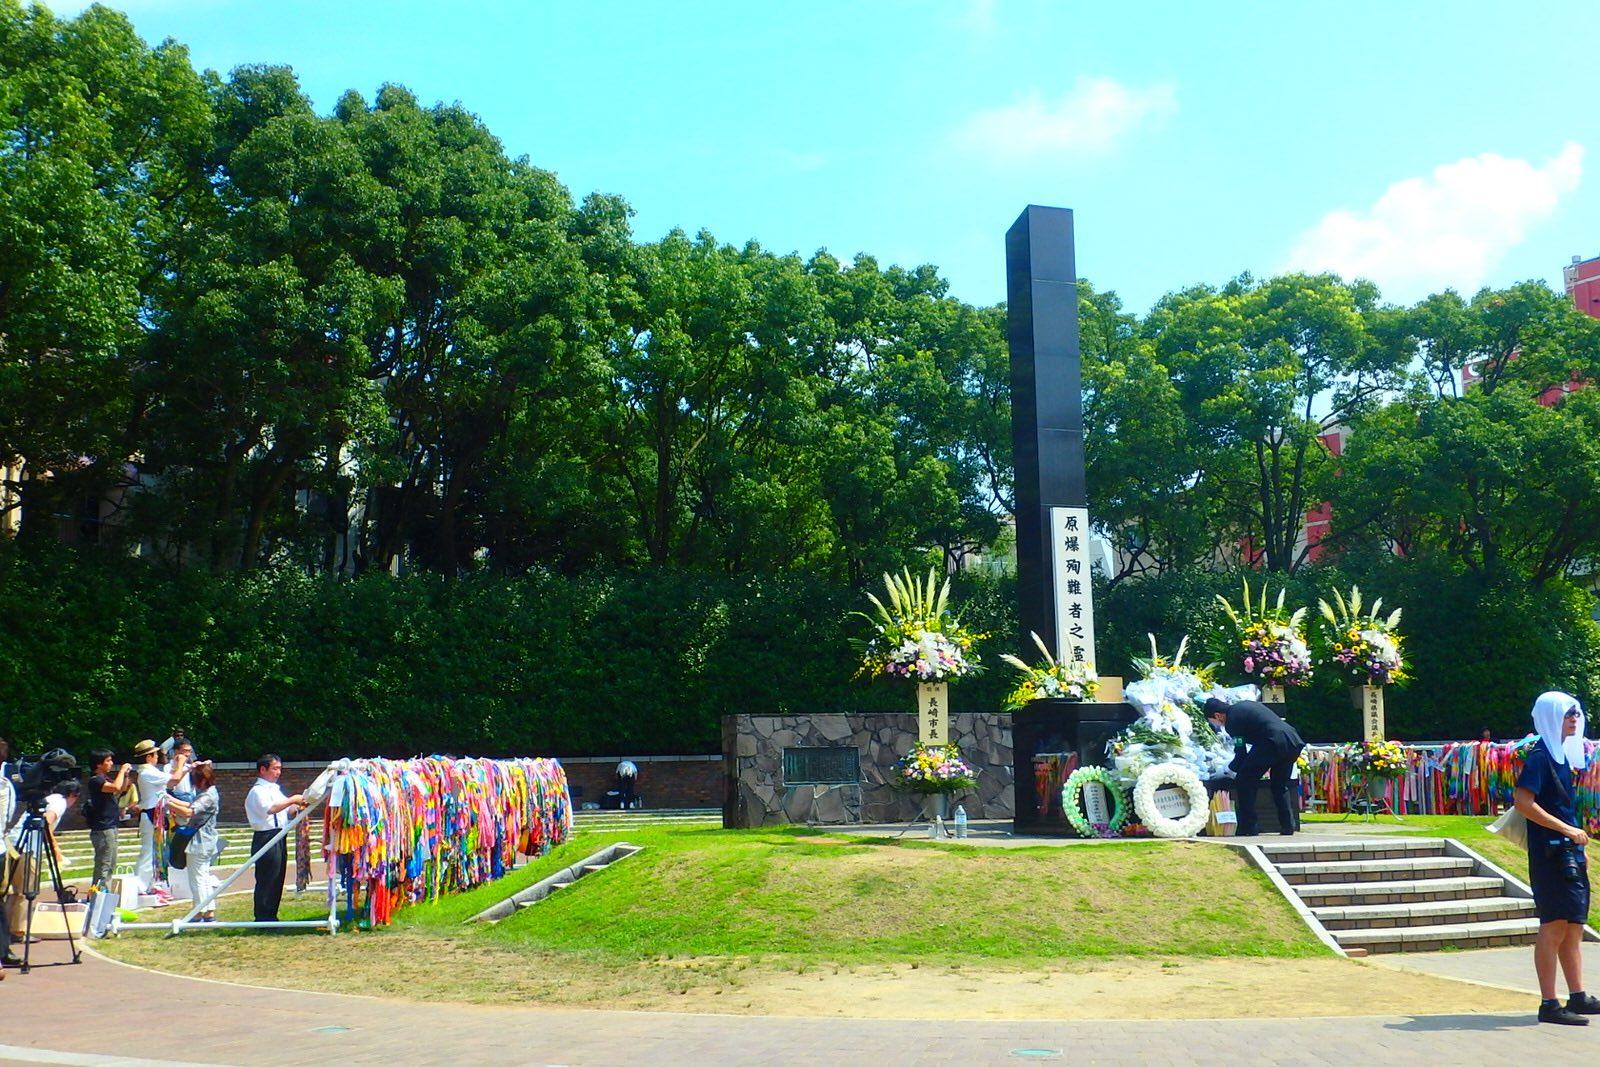 ながさーち版【平和ツーリズム】半日でまわれる長崎の平和・原爆関連スポットを歩いてみた